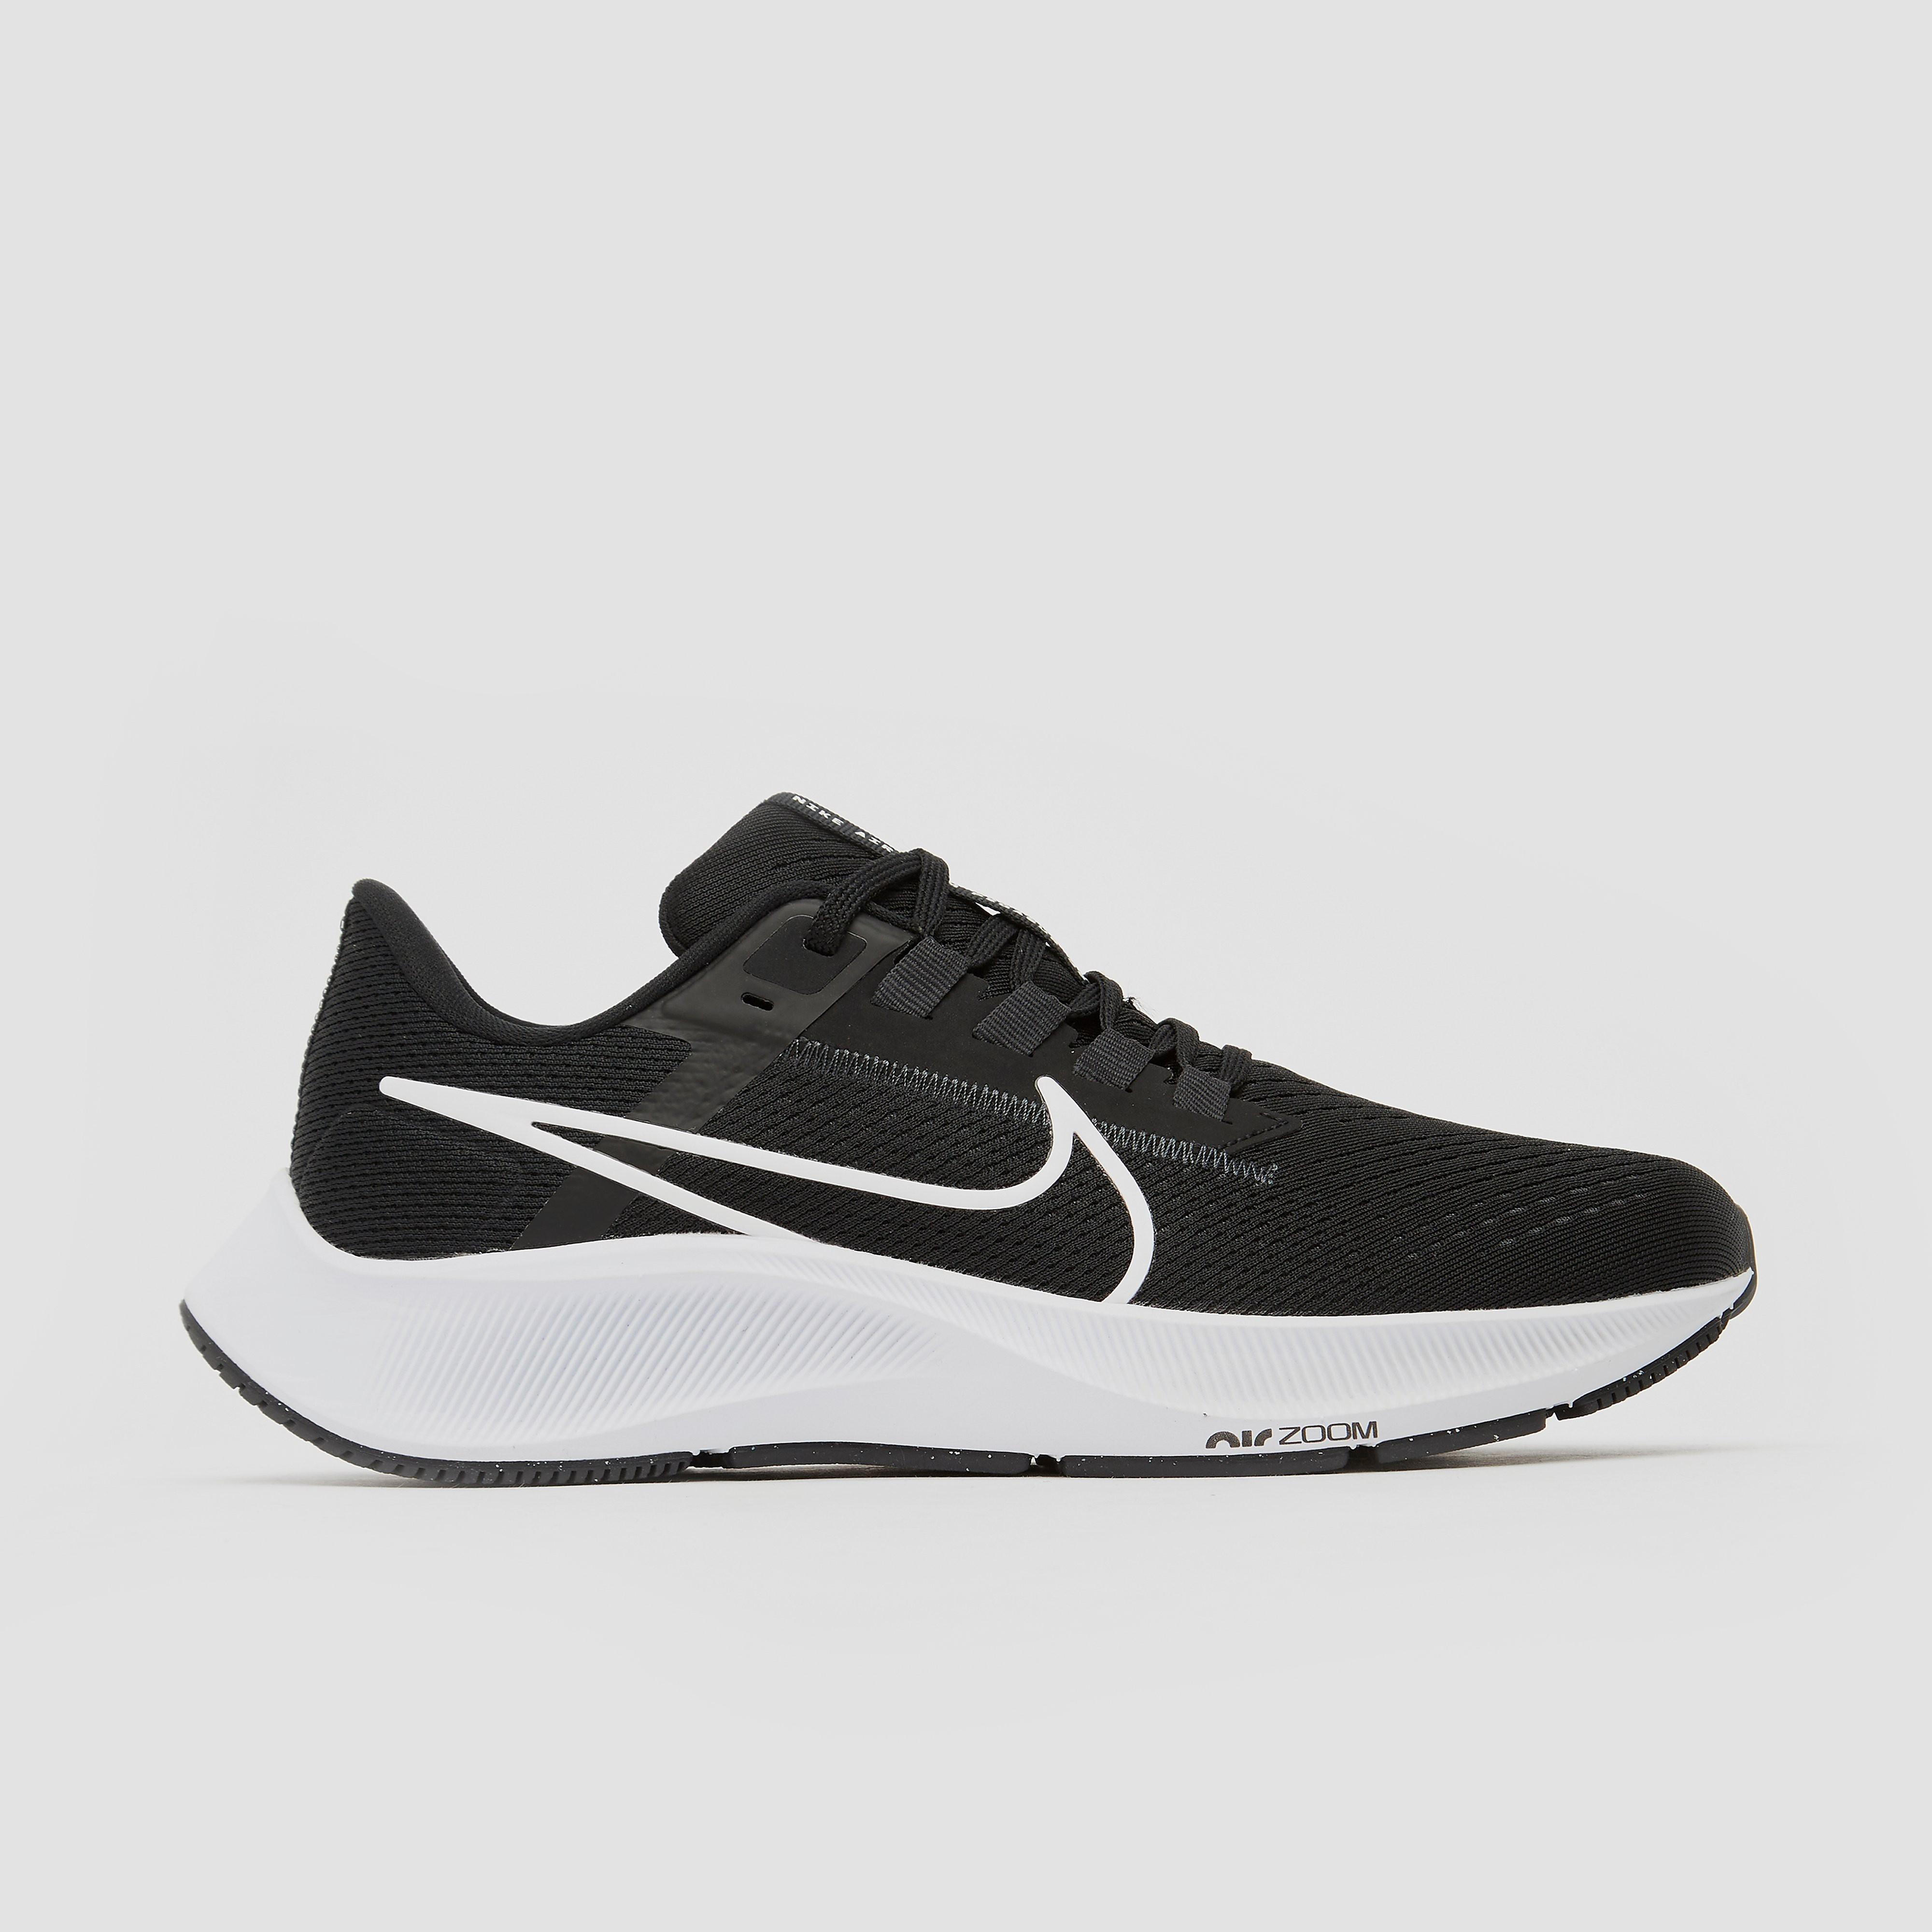 Nike Air Zoom Pegasus 38 Hardloopschoen voor dames (straat) Zwart online kopen